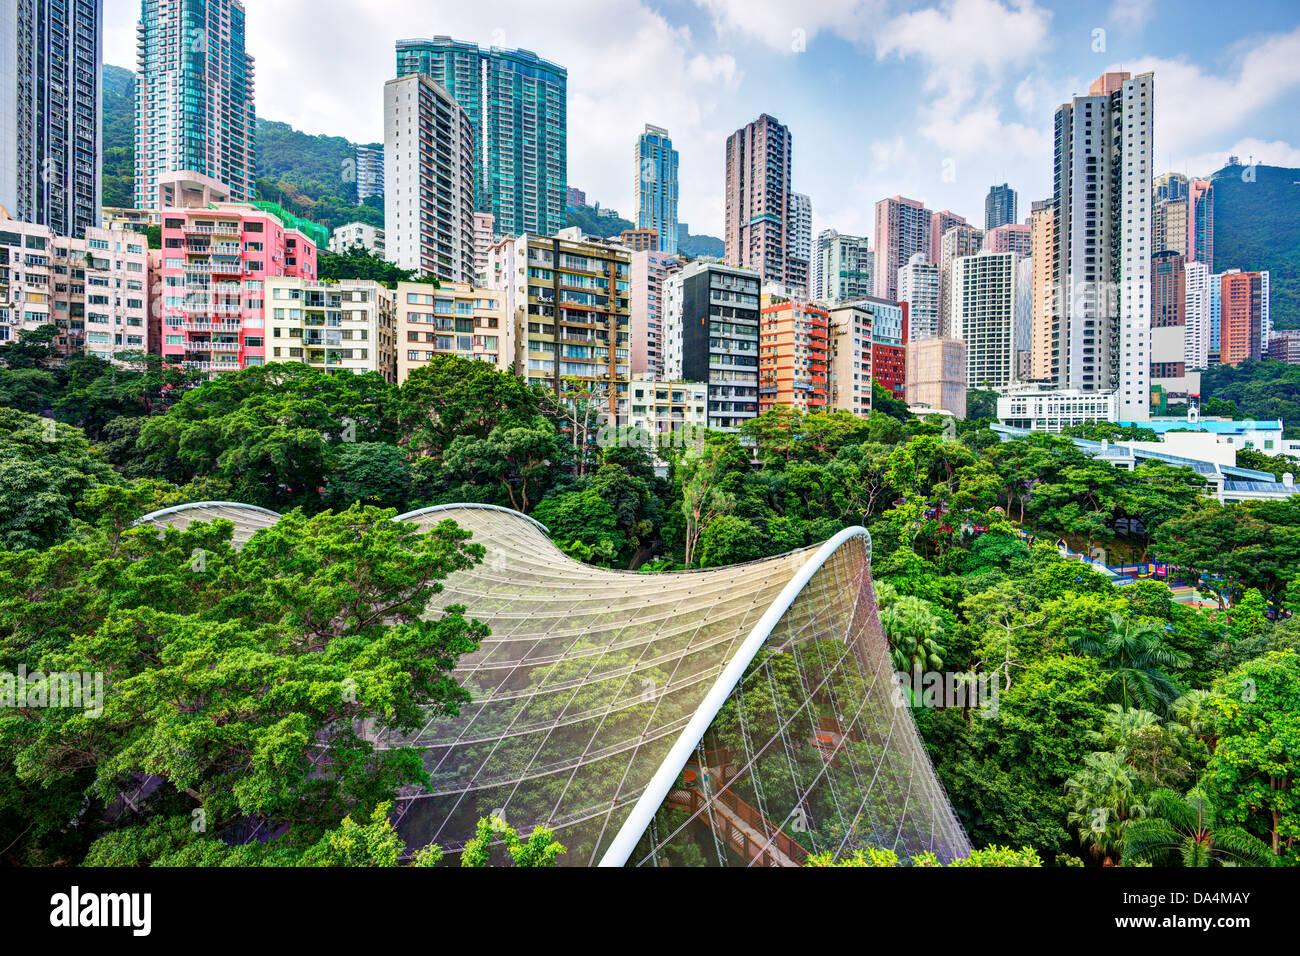 High rise apartments above Hong Kong Park and aviary in Hong Kong, China. - Stock Image